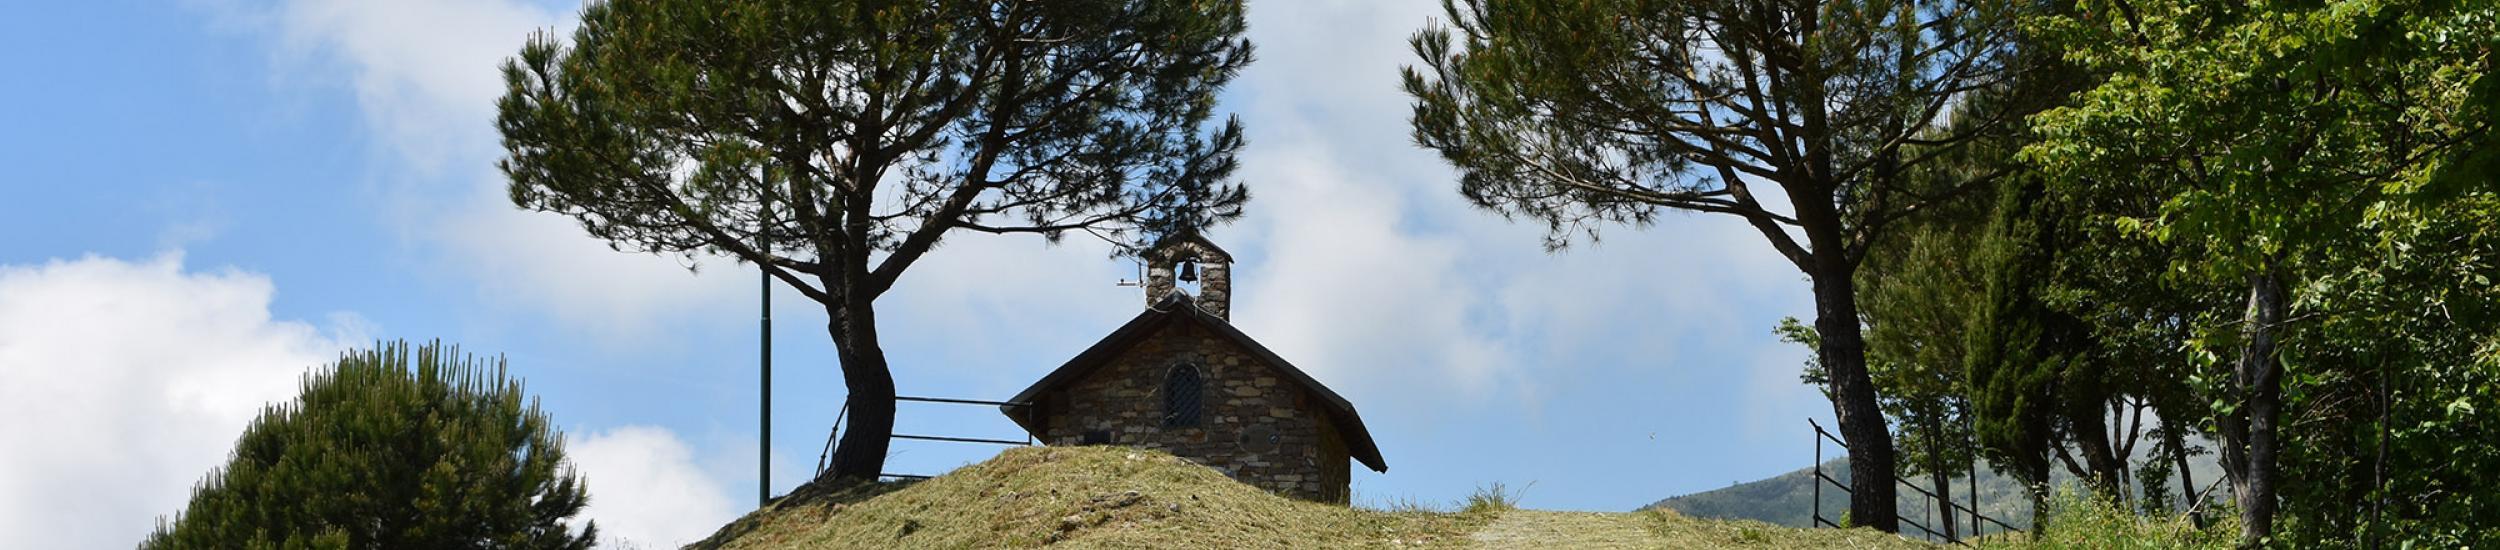 Cappelletta degli Alpini, Cornua